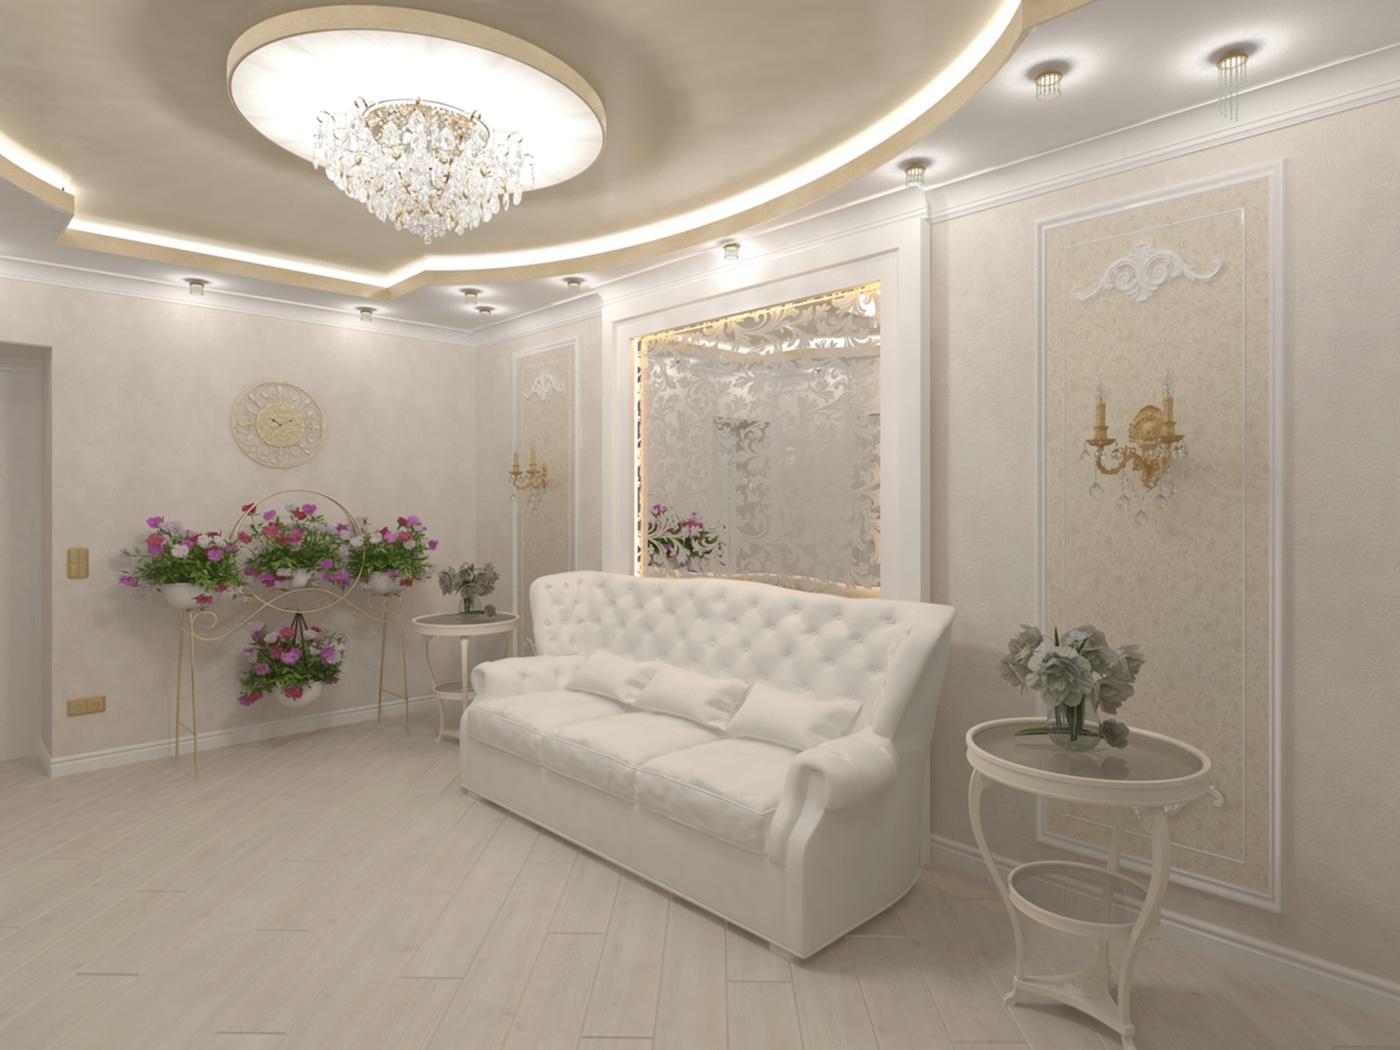 design Design of interior design studio designer designer of interior Interior interior design  style Klassic